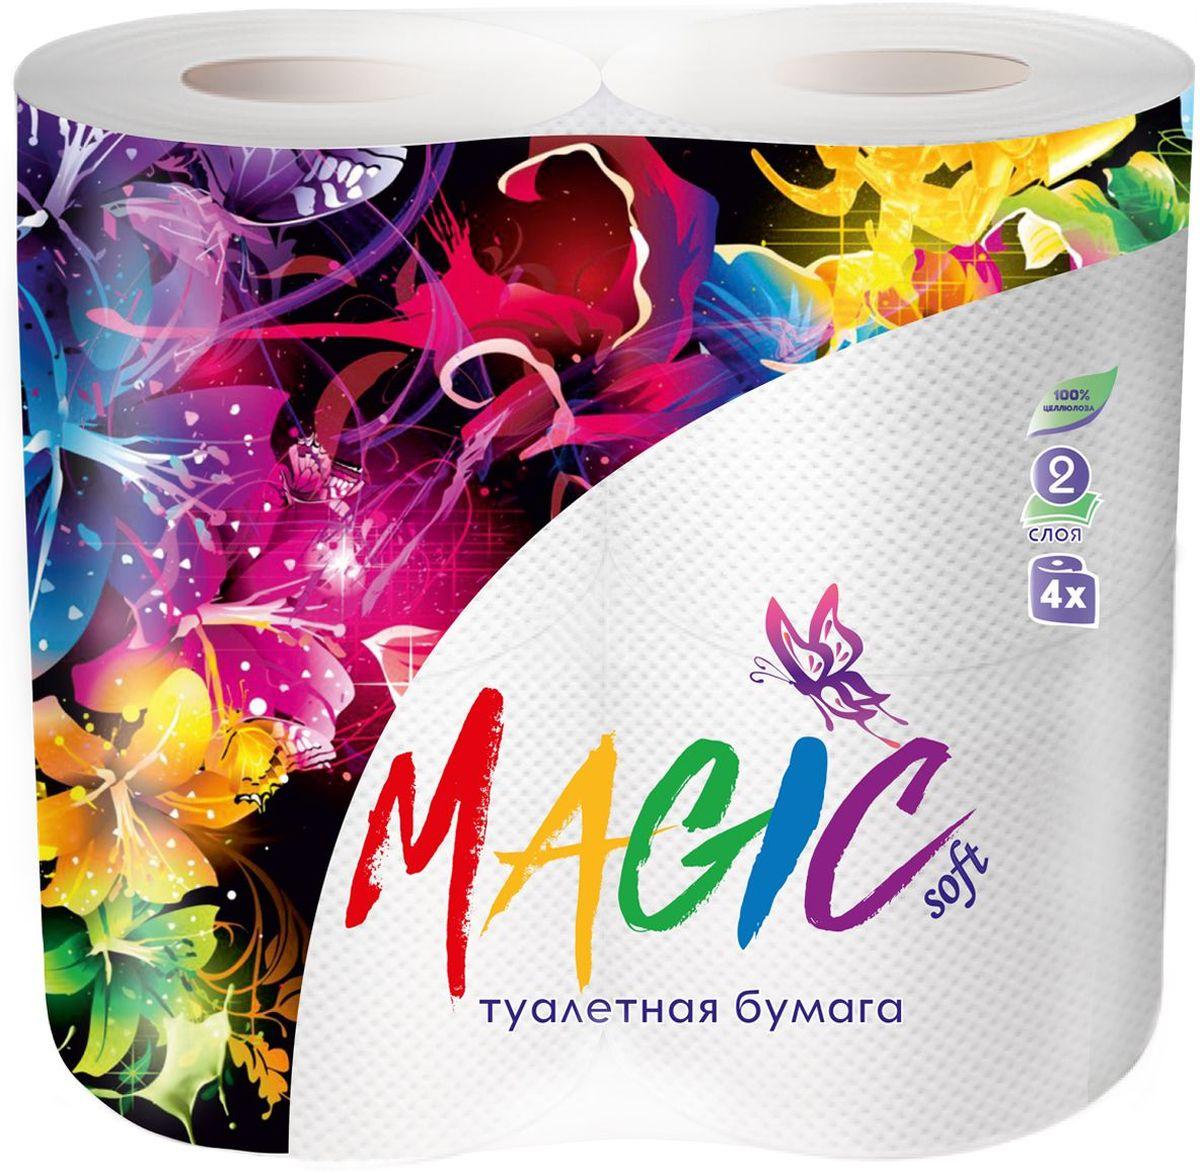 Туалетная бумага Magic Soft, цвет: белый, 4 рулона20010Туалетная бумага Magic имеет 2 слоя. Она предназначена для бытового и санитарно-гигиенического назначения.Одноразового использования. В комплекте: 4 рулона.